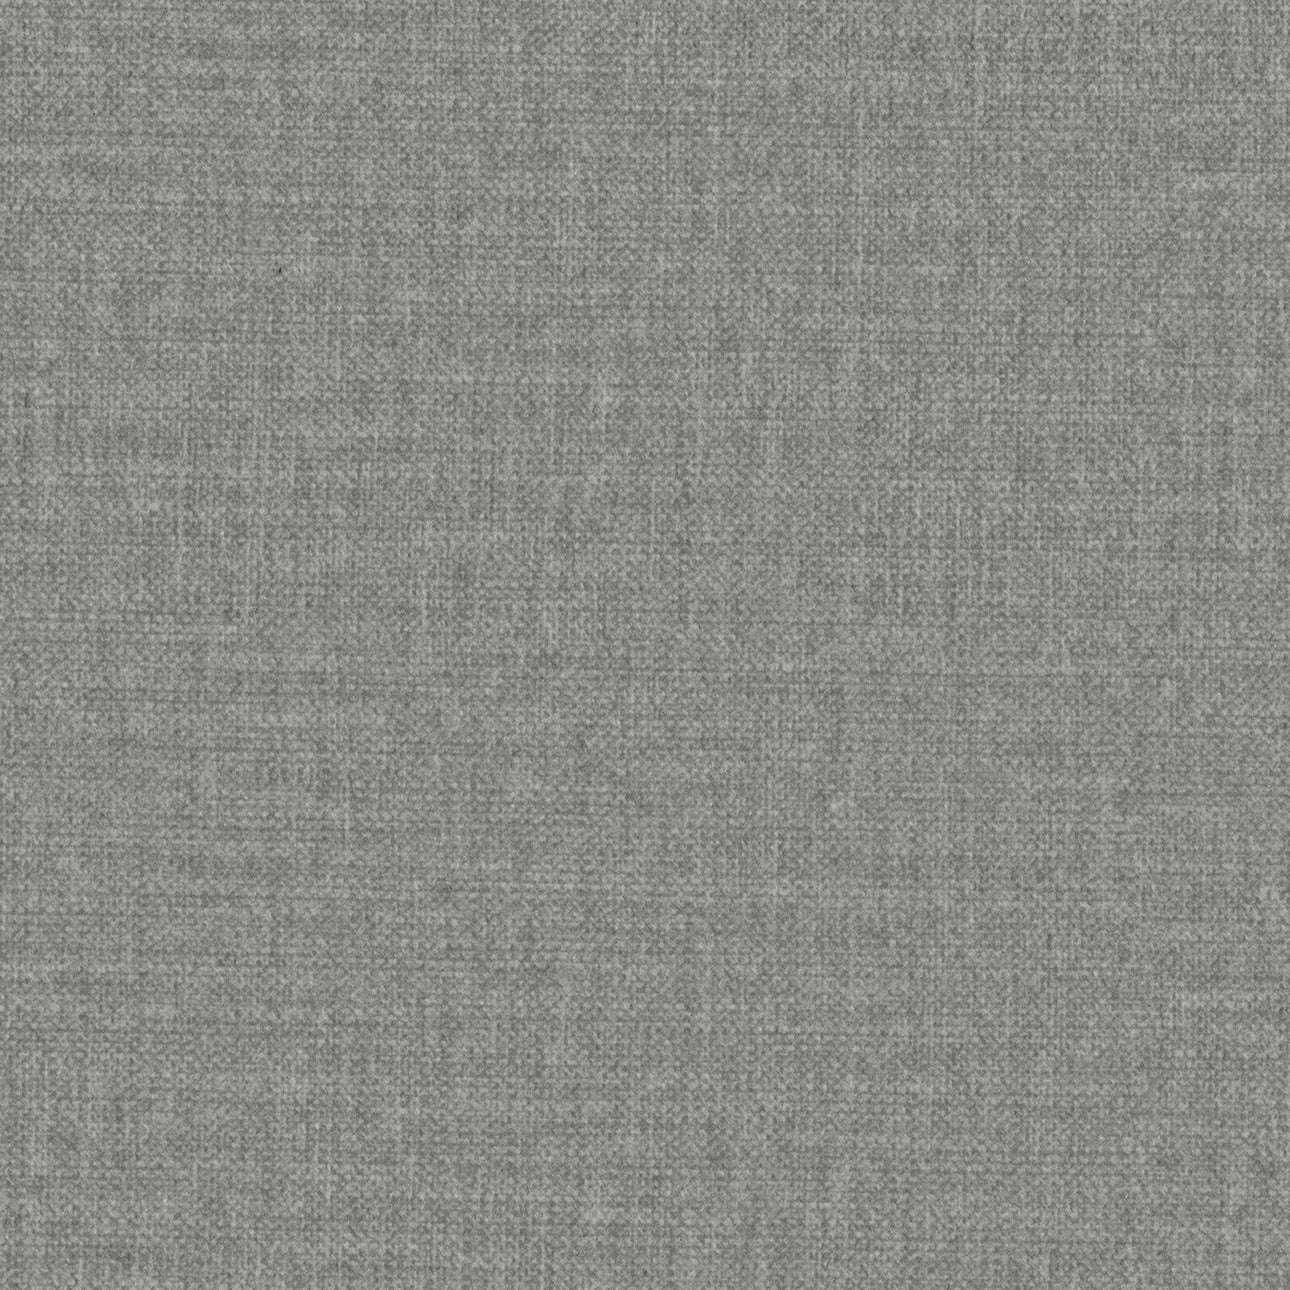 Kramfors päällinen kolmen istuttava mallistosta Ingrid, Kangas: 705-42